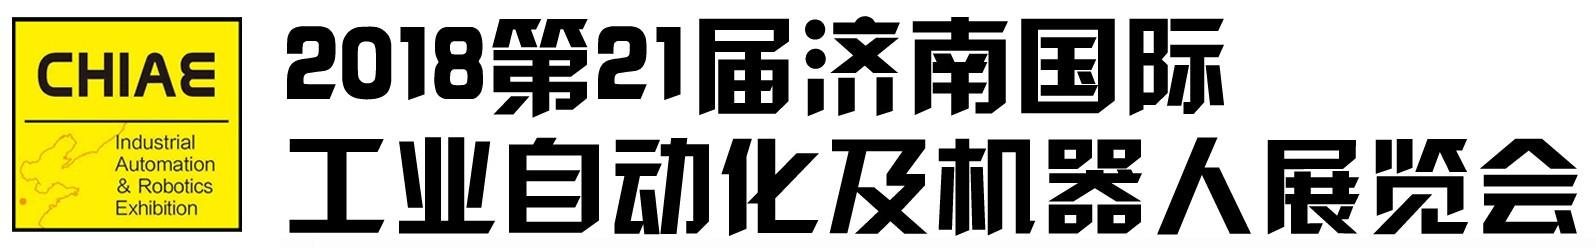 2018 第21届丞华济南国际工业自动化及机器人展览会